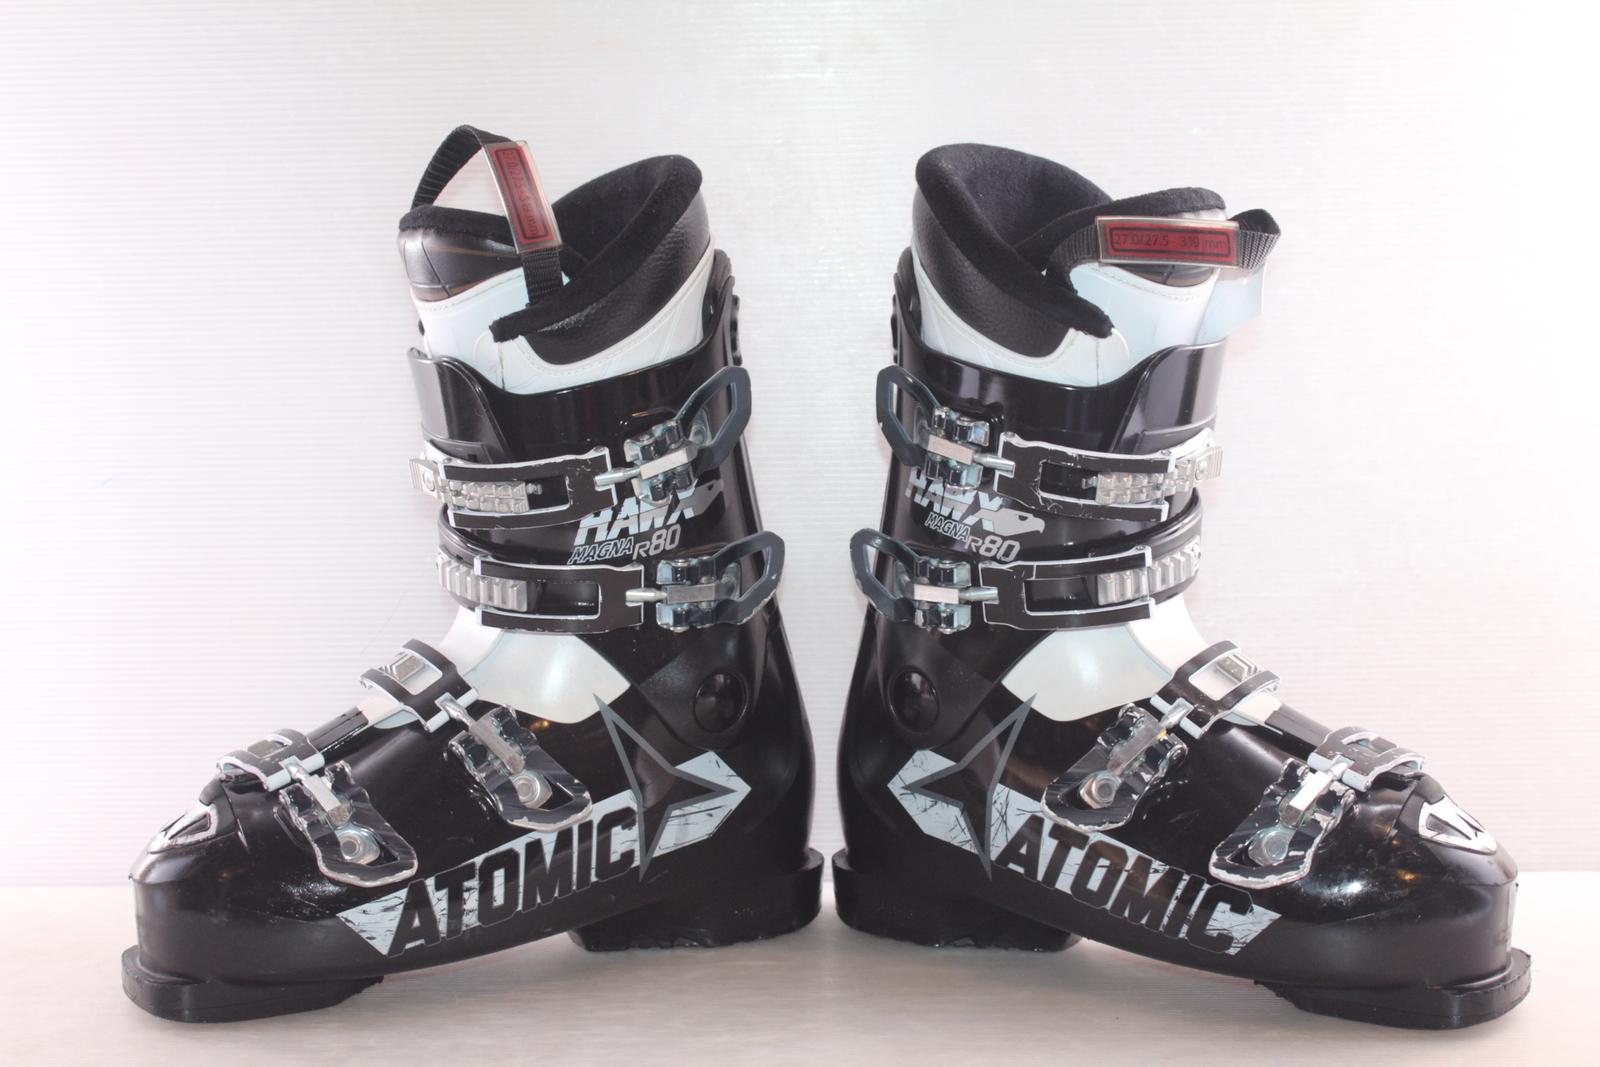 Lyžařské boty Atomic Hawx Magna R80  vel. EU42.5 flexe 80